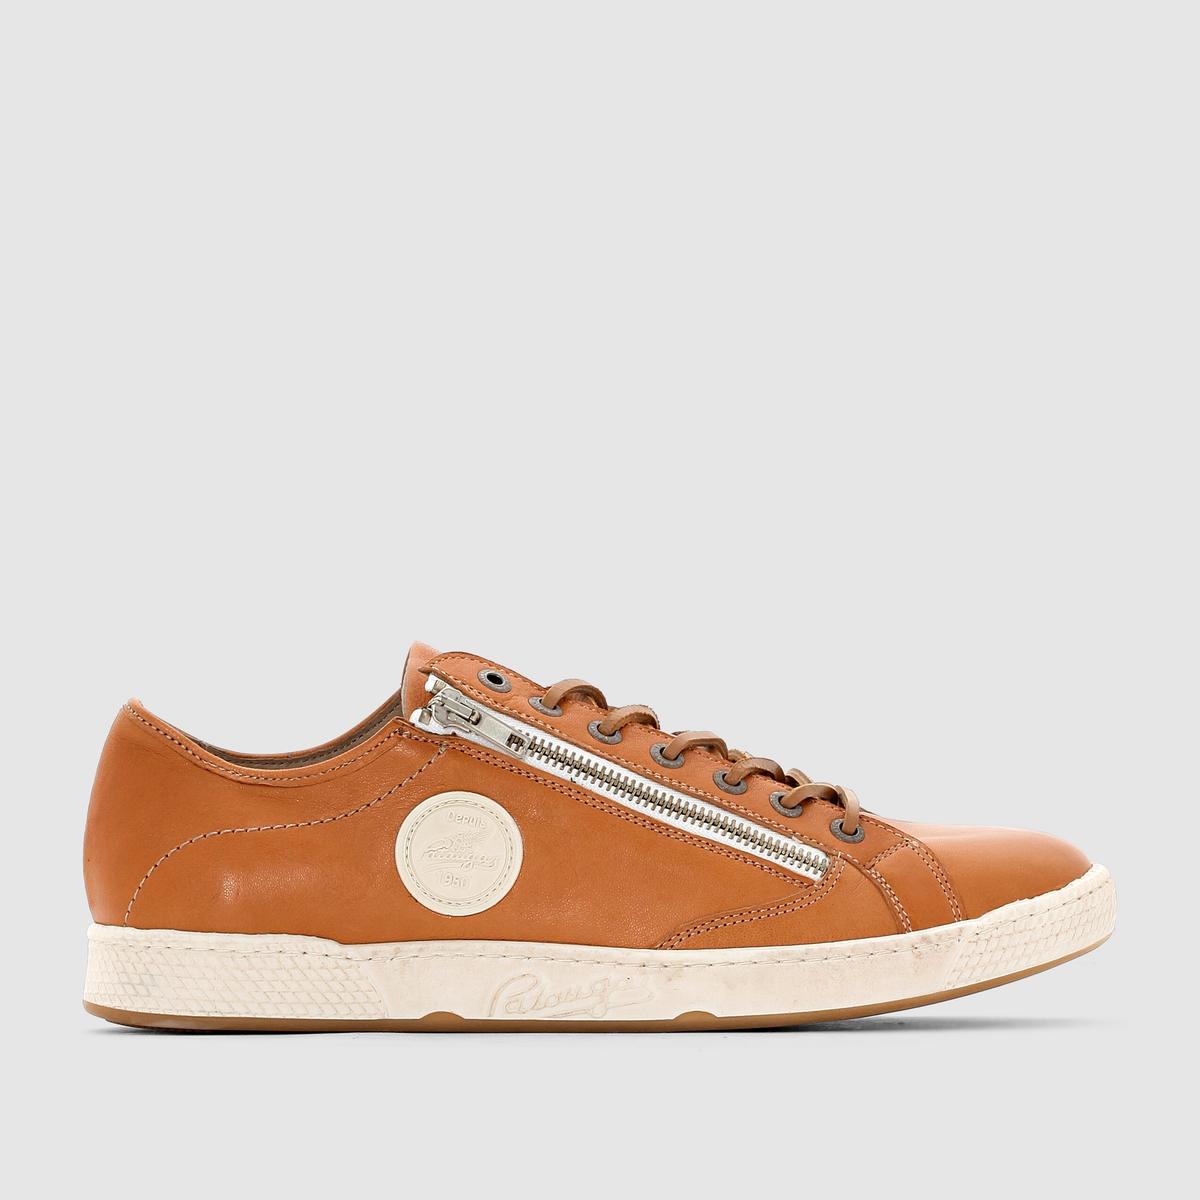 Кеды низкие JAY/N - PATAUGASЗастежка: на шнуровке.Преимущества: простота и стиль кожаных кед от Pataugas.<br><br>Цвет: темно-бежевый<br>Размер: 42